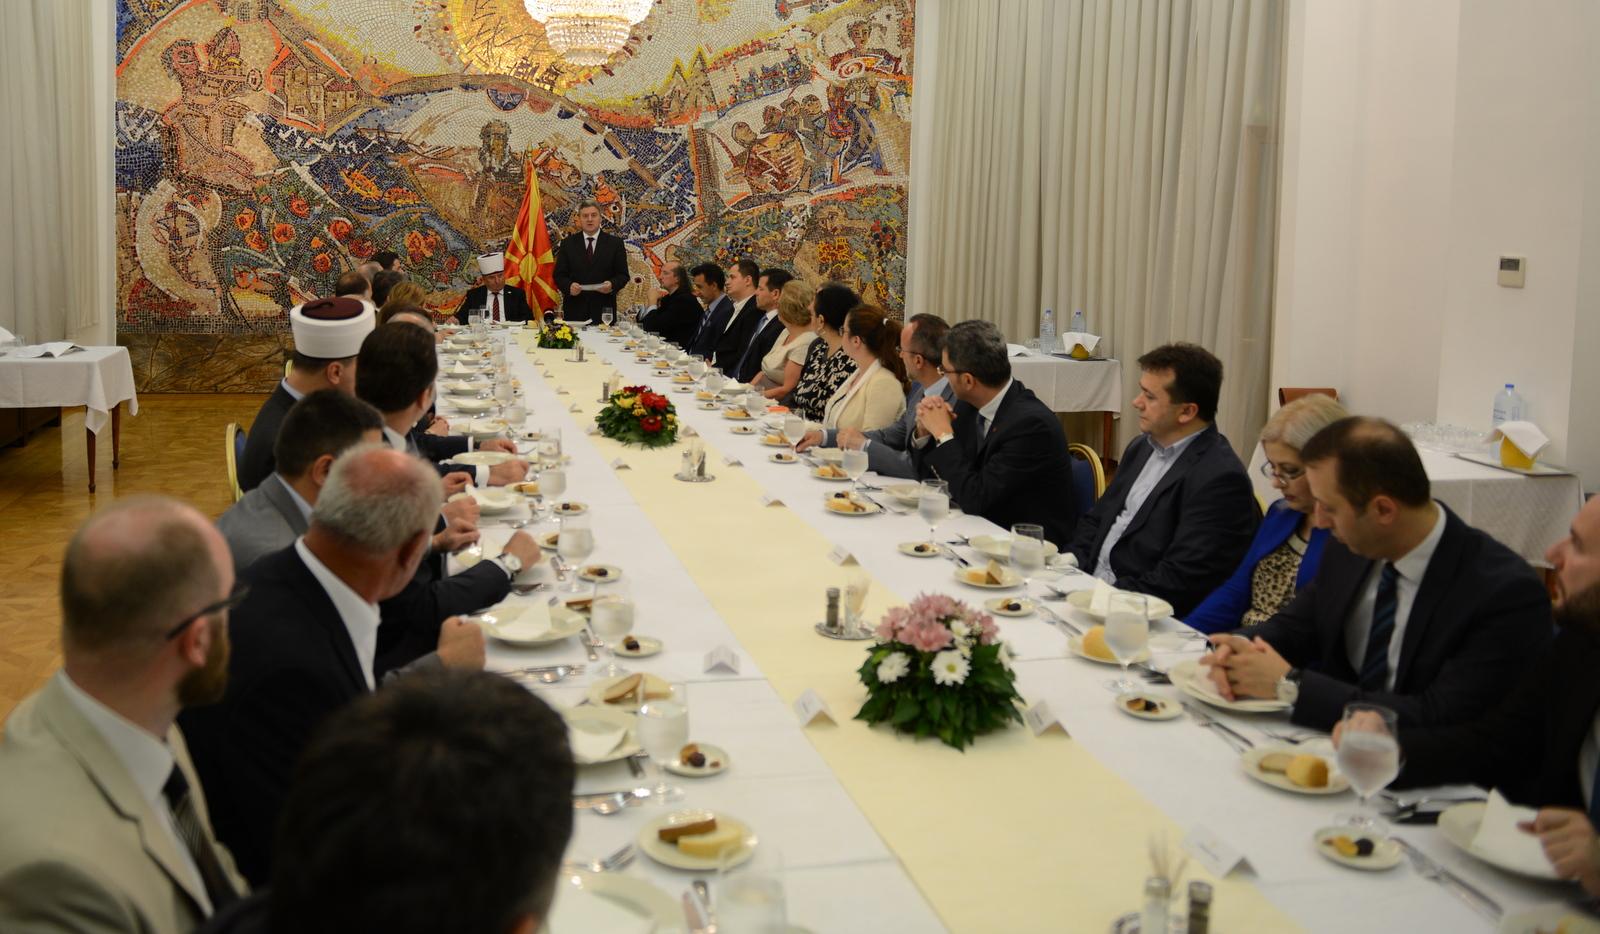 ФОТО: Претседателот Иванов приреди ифтарска вечера